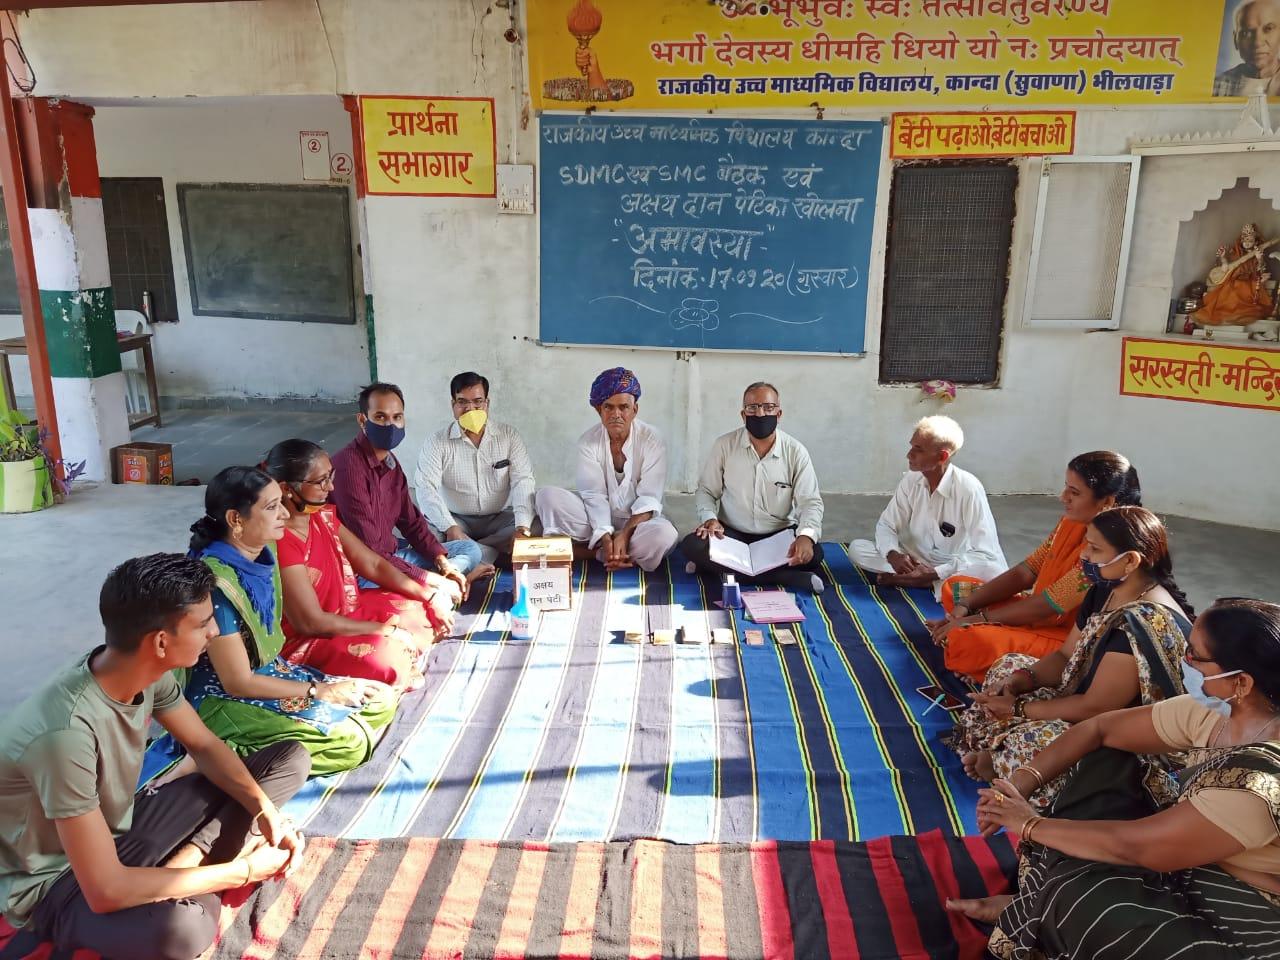 कांदा विद्यालय में एचड़ीएमसी व एसएमसी बैठक का आयोजन